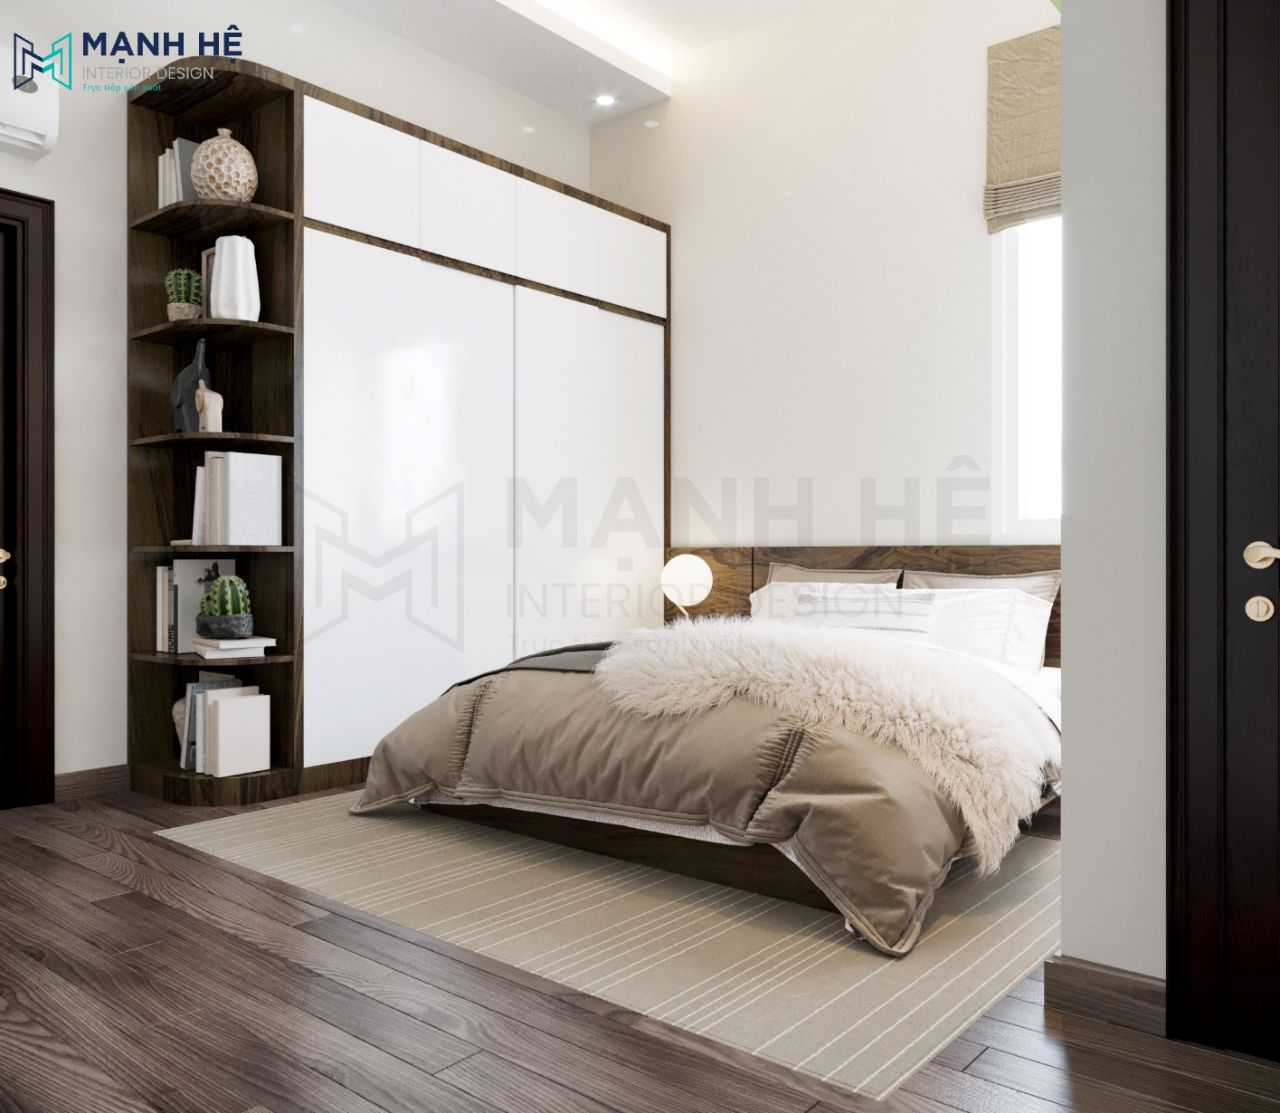 Tab đầu giường bằng gỗ